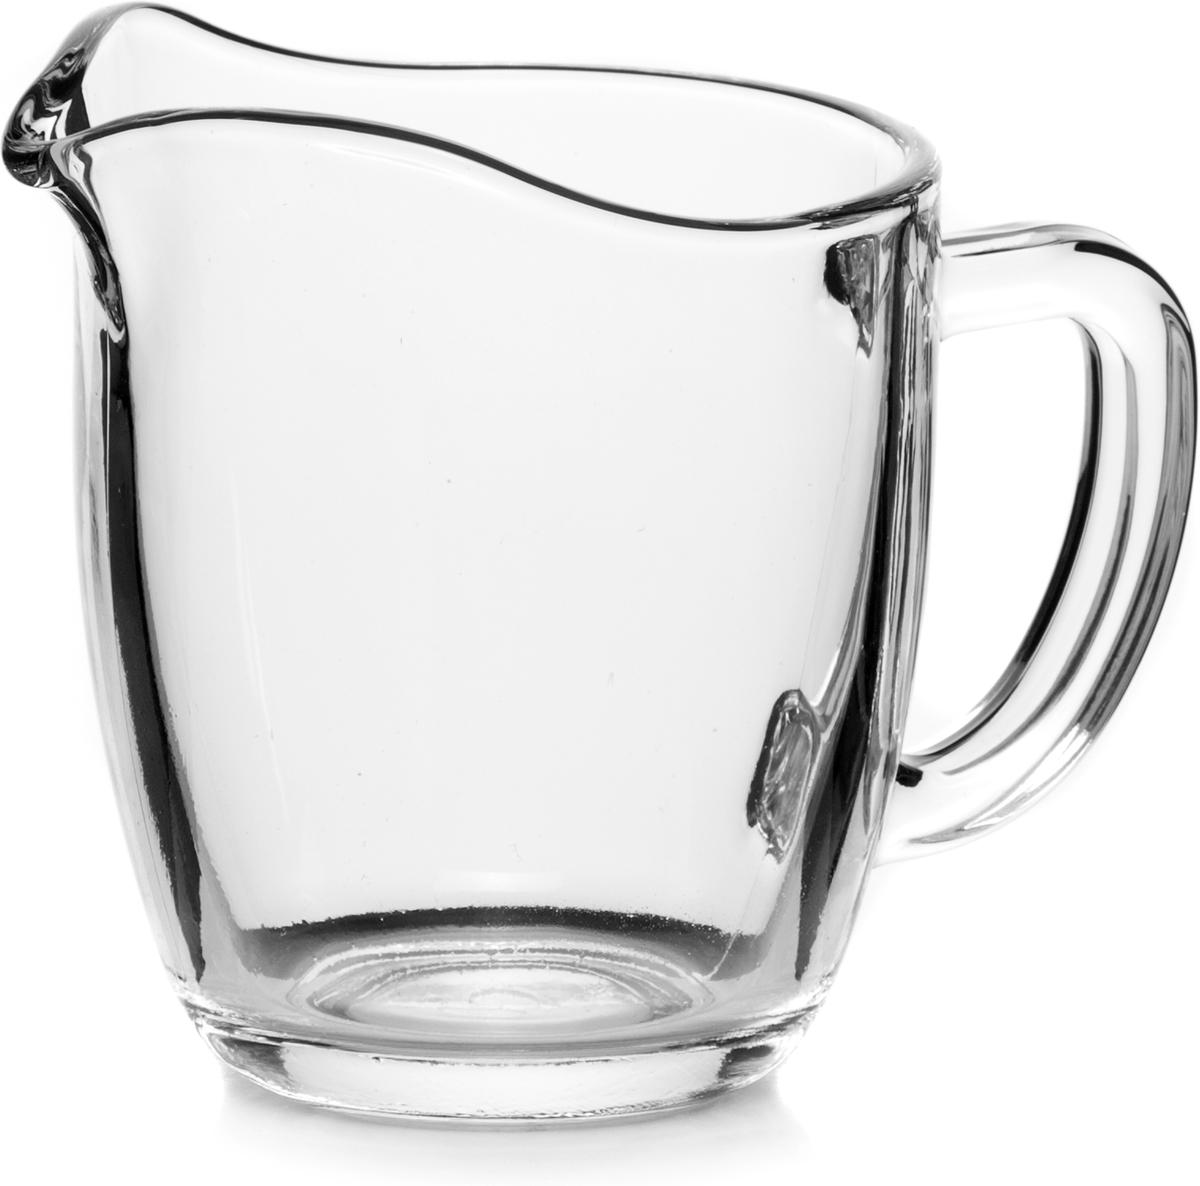 Молочник Pasabahce Бэйсик, 200 мл55042BМолочник Pasabahce Бэйсик изготовлен из высококачественного стекла. Изделиепредназначено для сливок и молока, оно оснащено удобной ручкой и носиком. Такой молочникстанет изысканным украшением стола к чаепитию и подчеркнет ваш безупречныйвкус. Изделие также станет хорошим подарком к любому случаю.